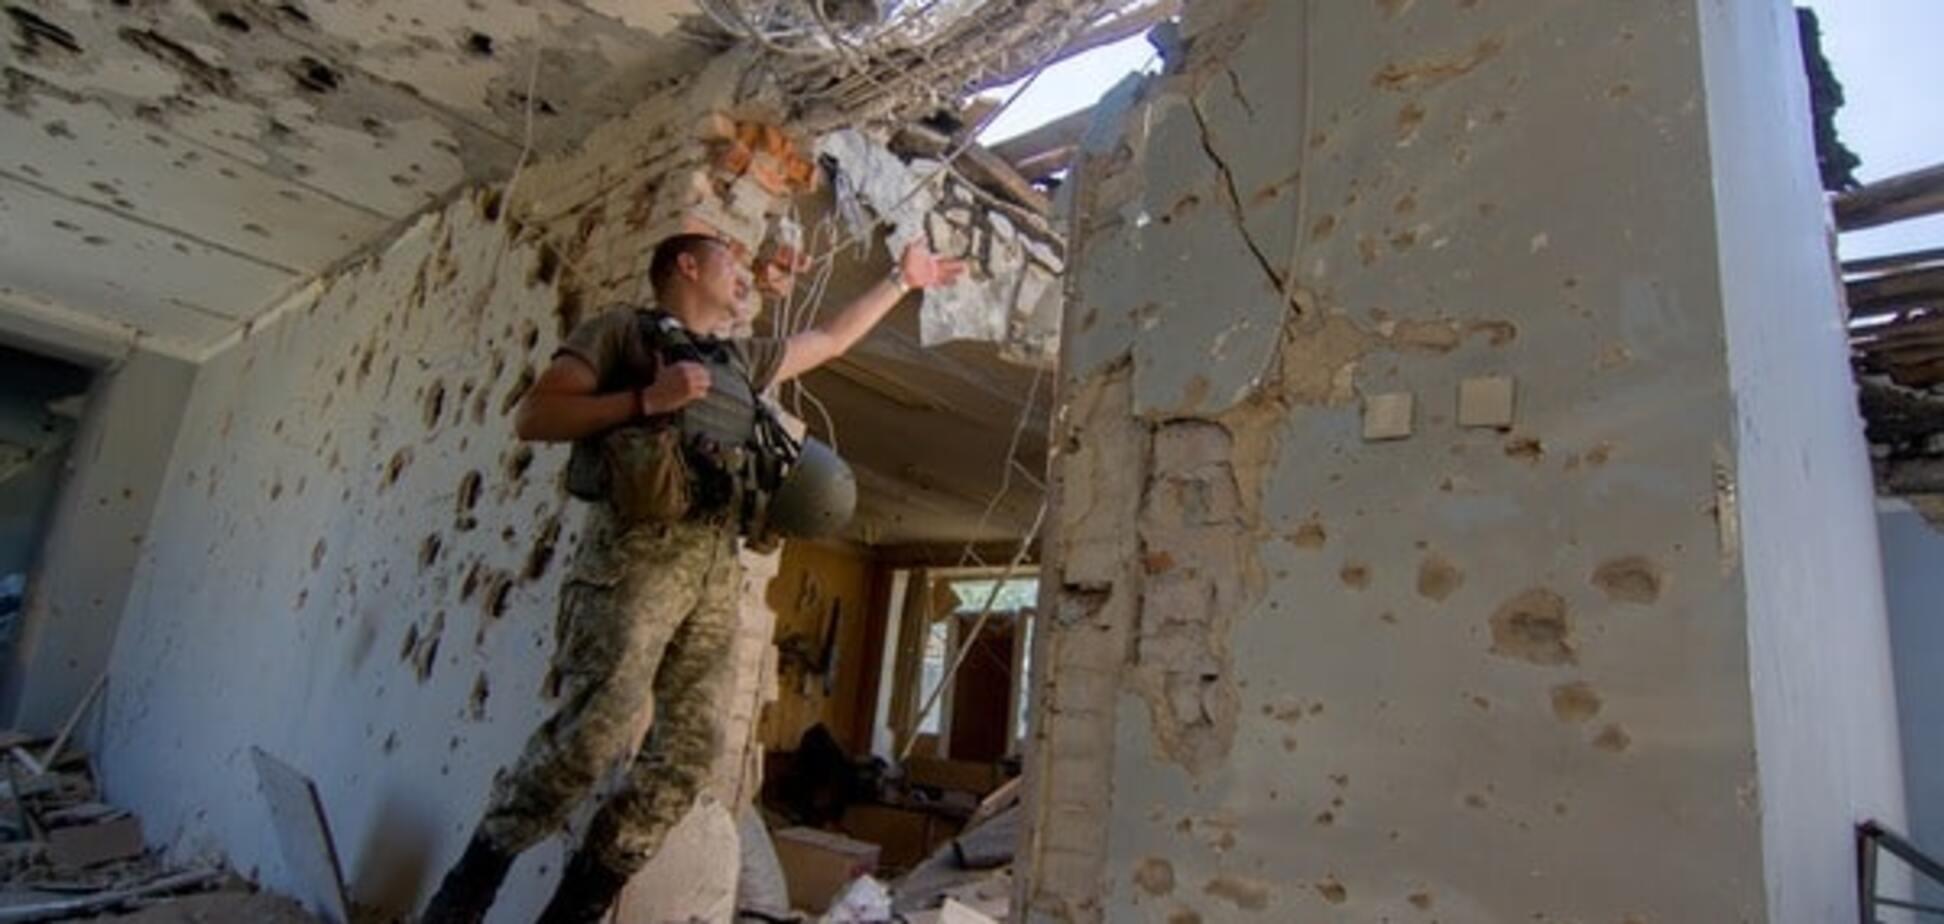 Террористы атаковали бойцов АТО в Авдеевке из запрещенной артиллерии